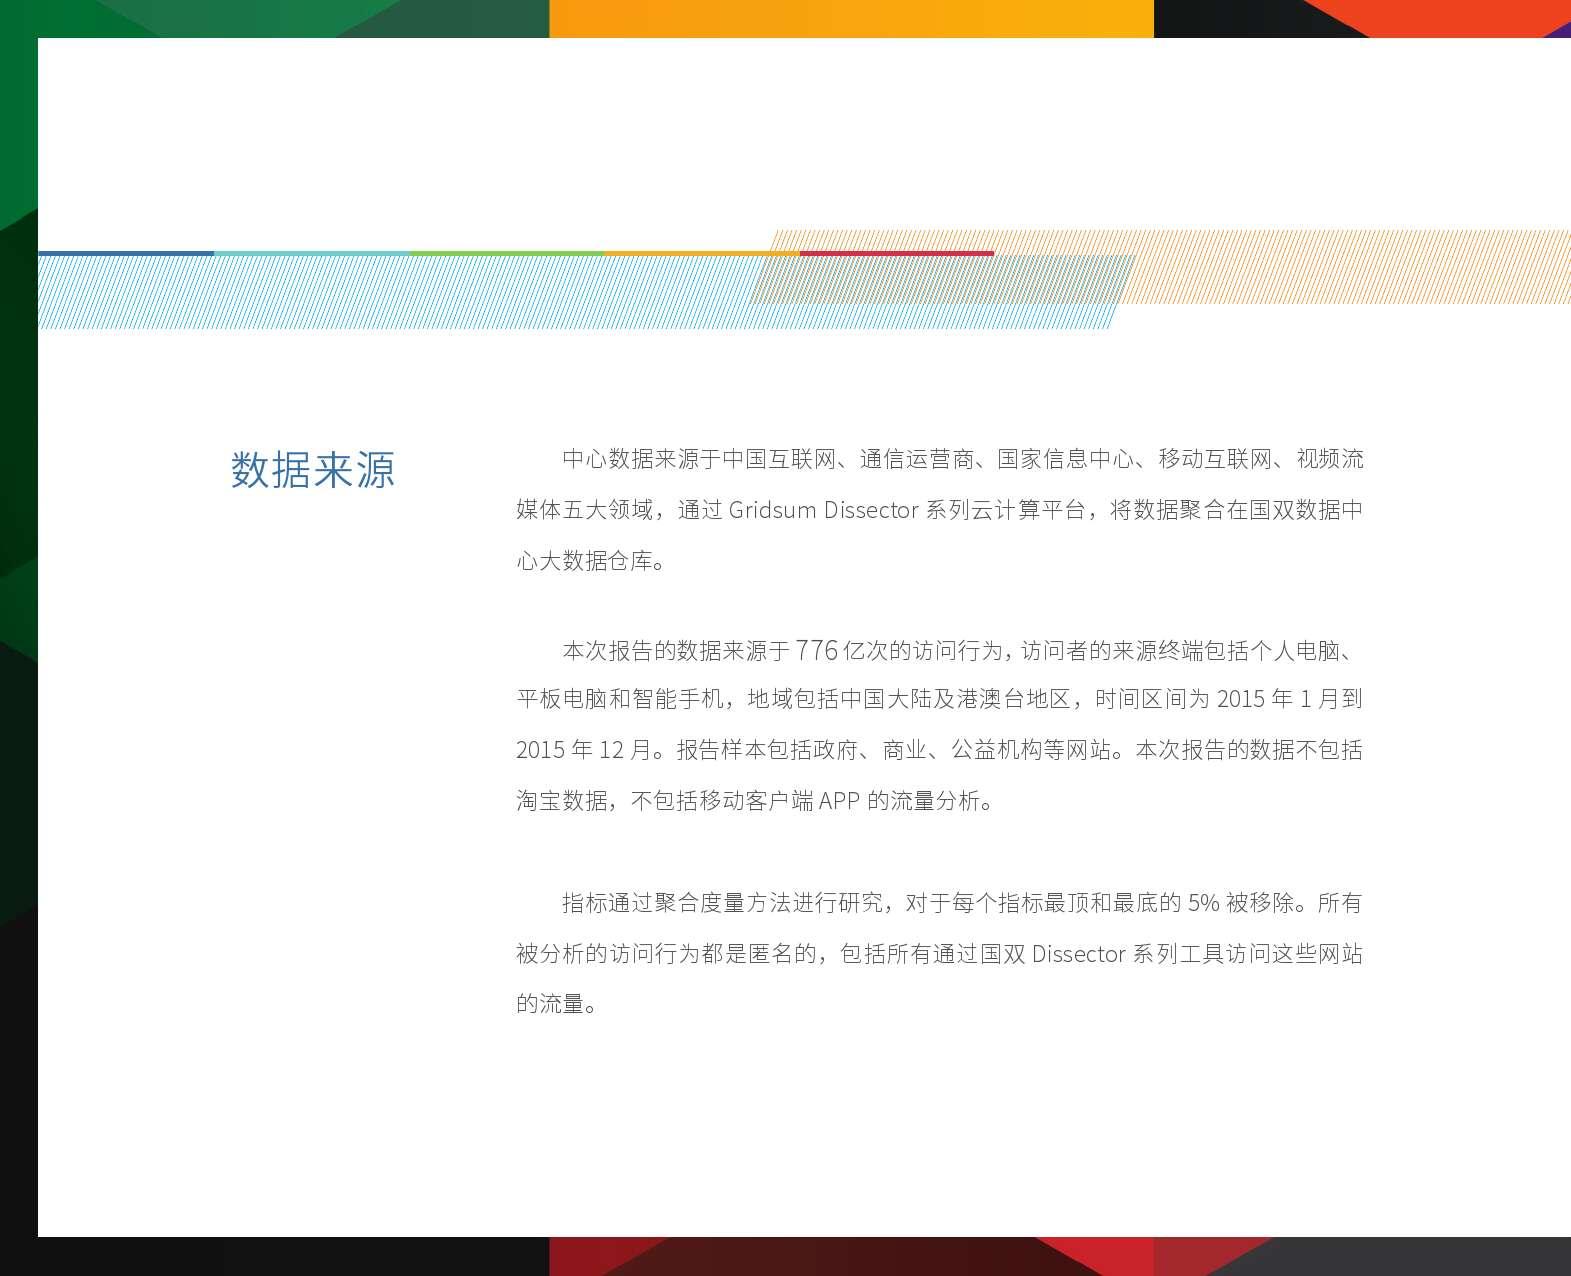 2015中国互联网发展报告_000062